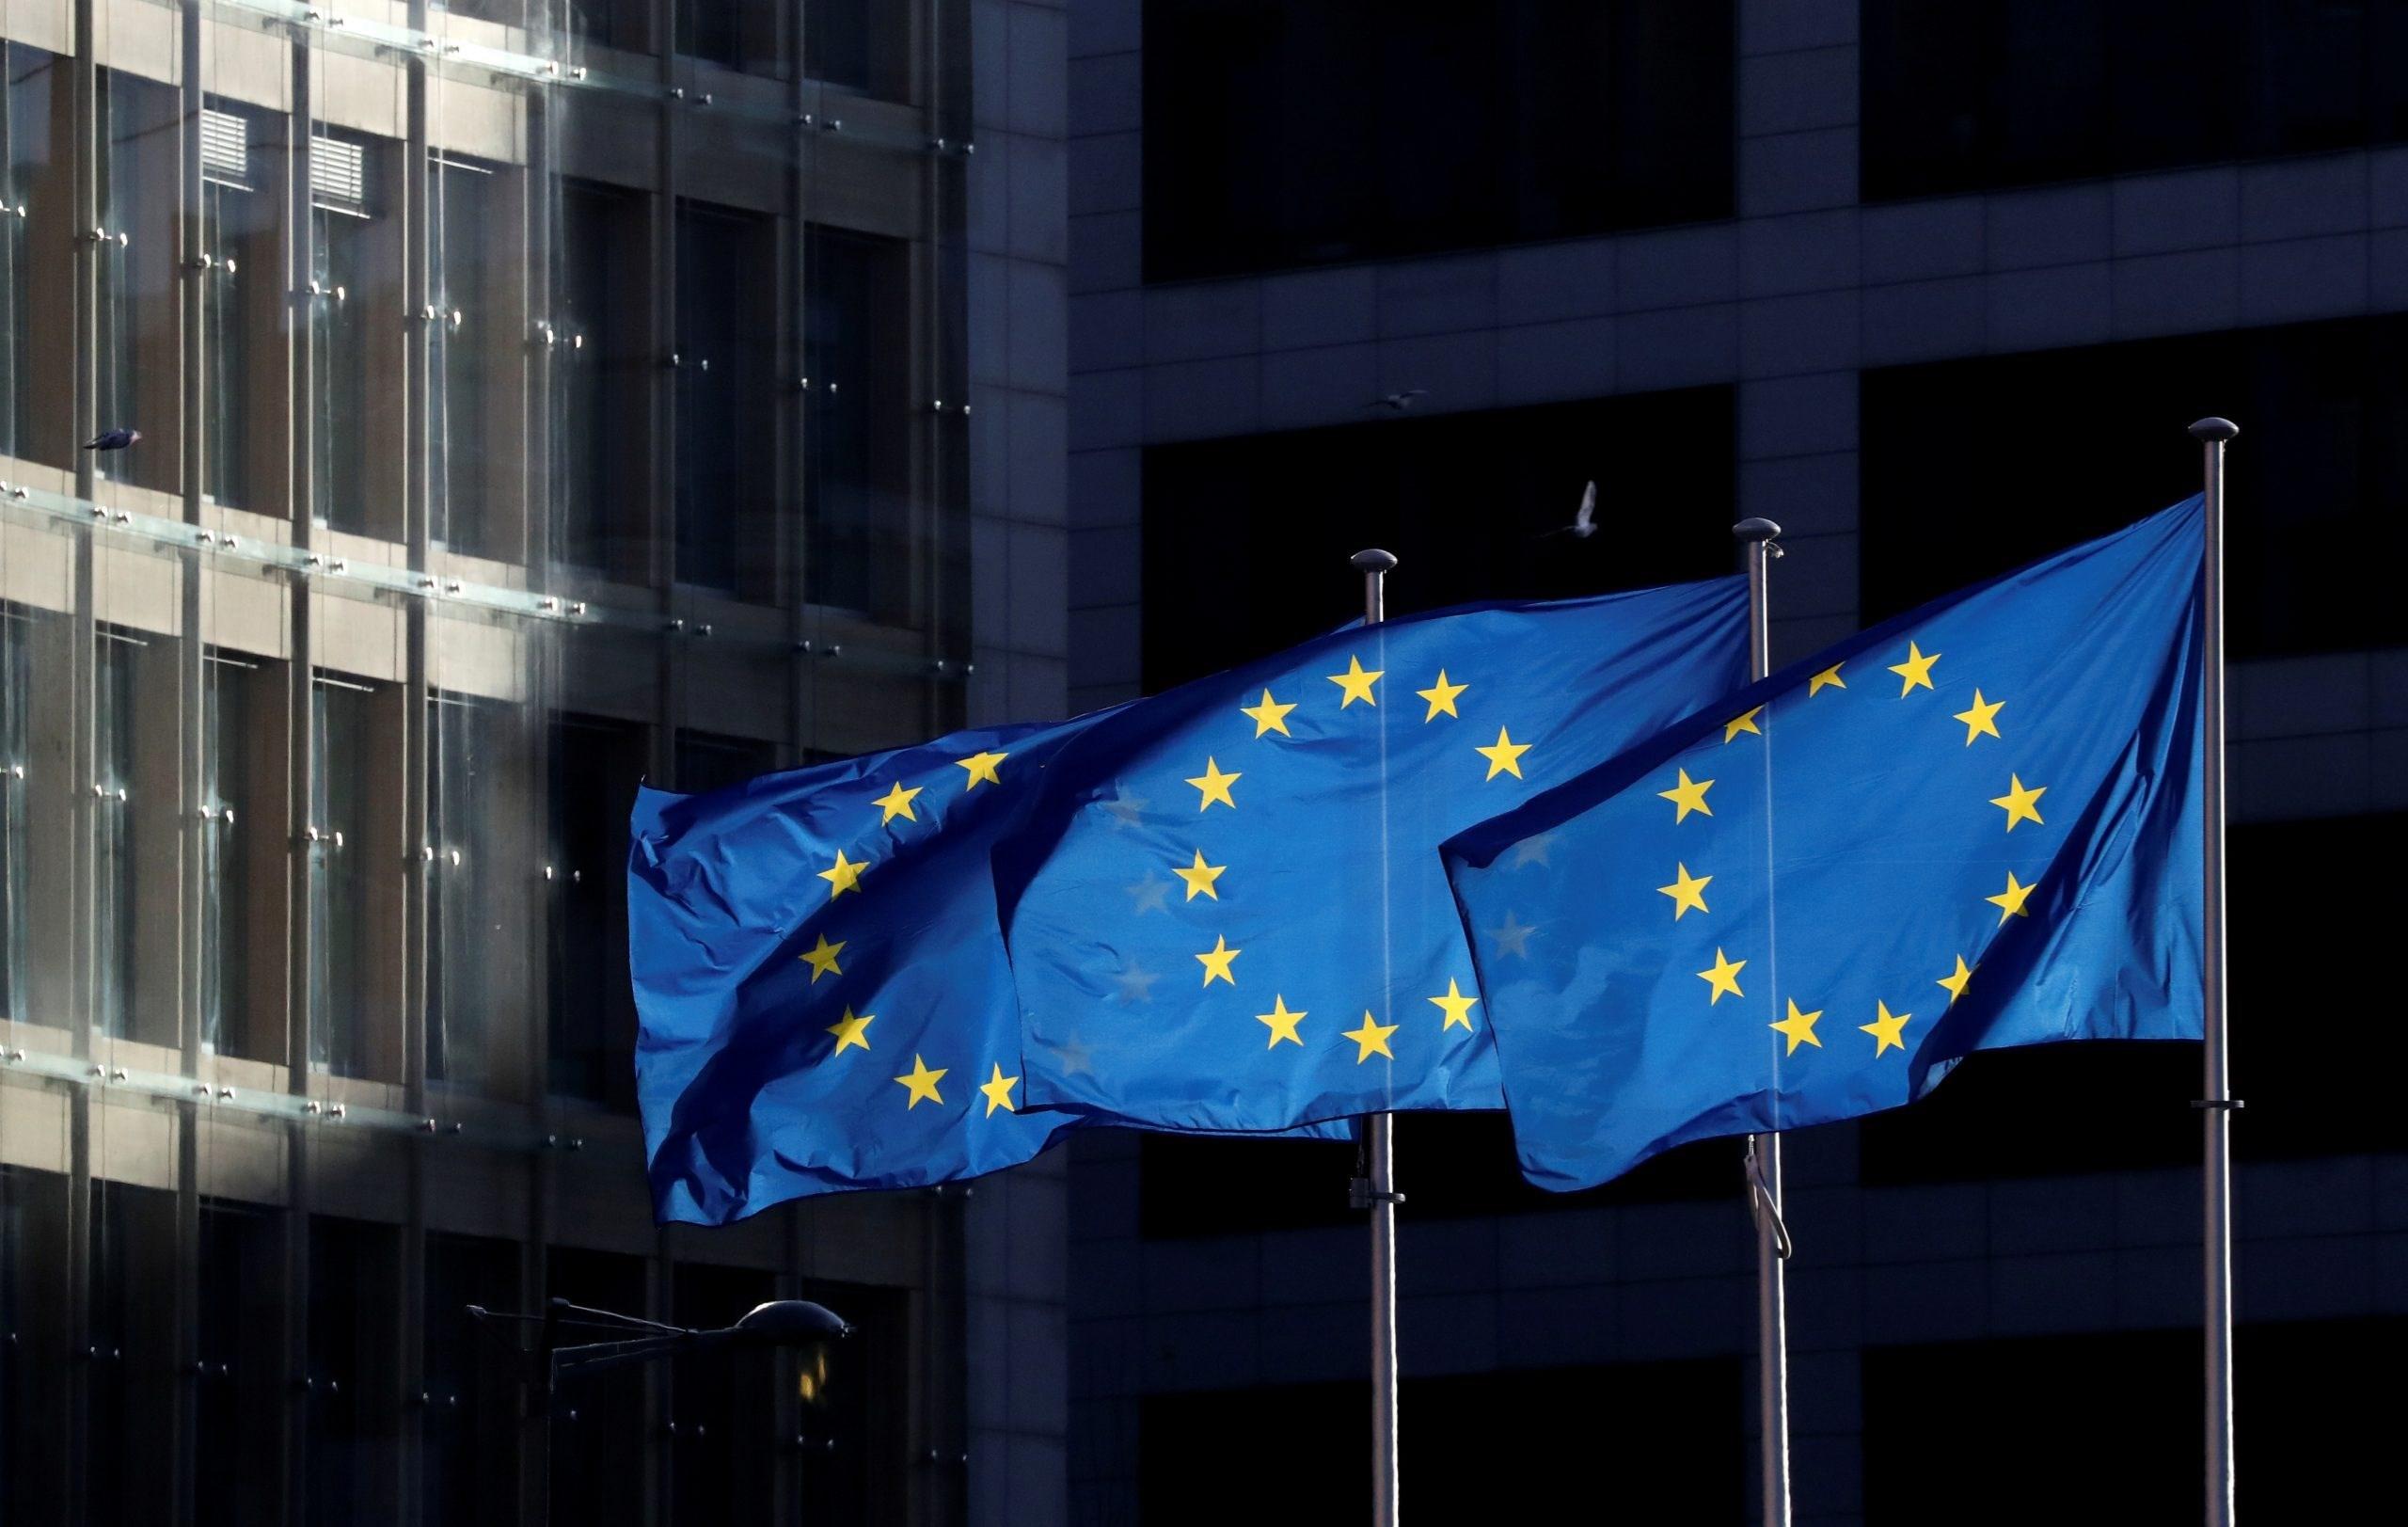 أعلام الاتحاد الأوروبي خارج مقر المفوضية الأوروبية في بروكسل (رويترز)